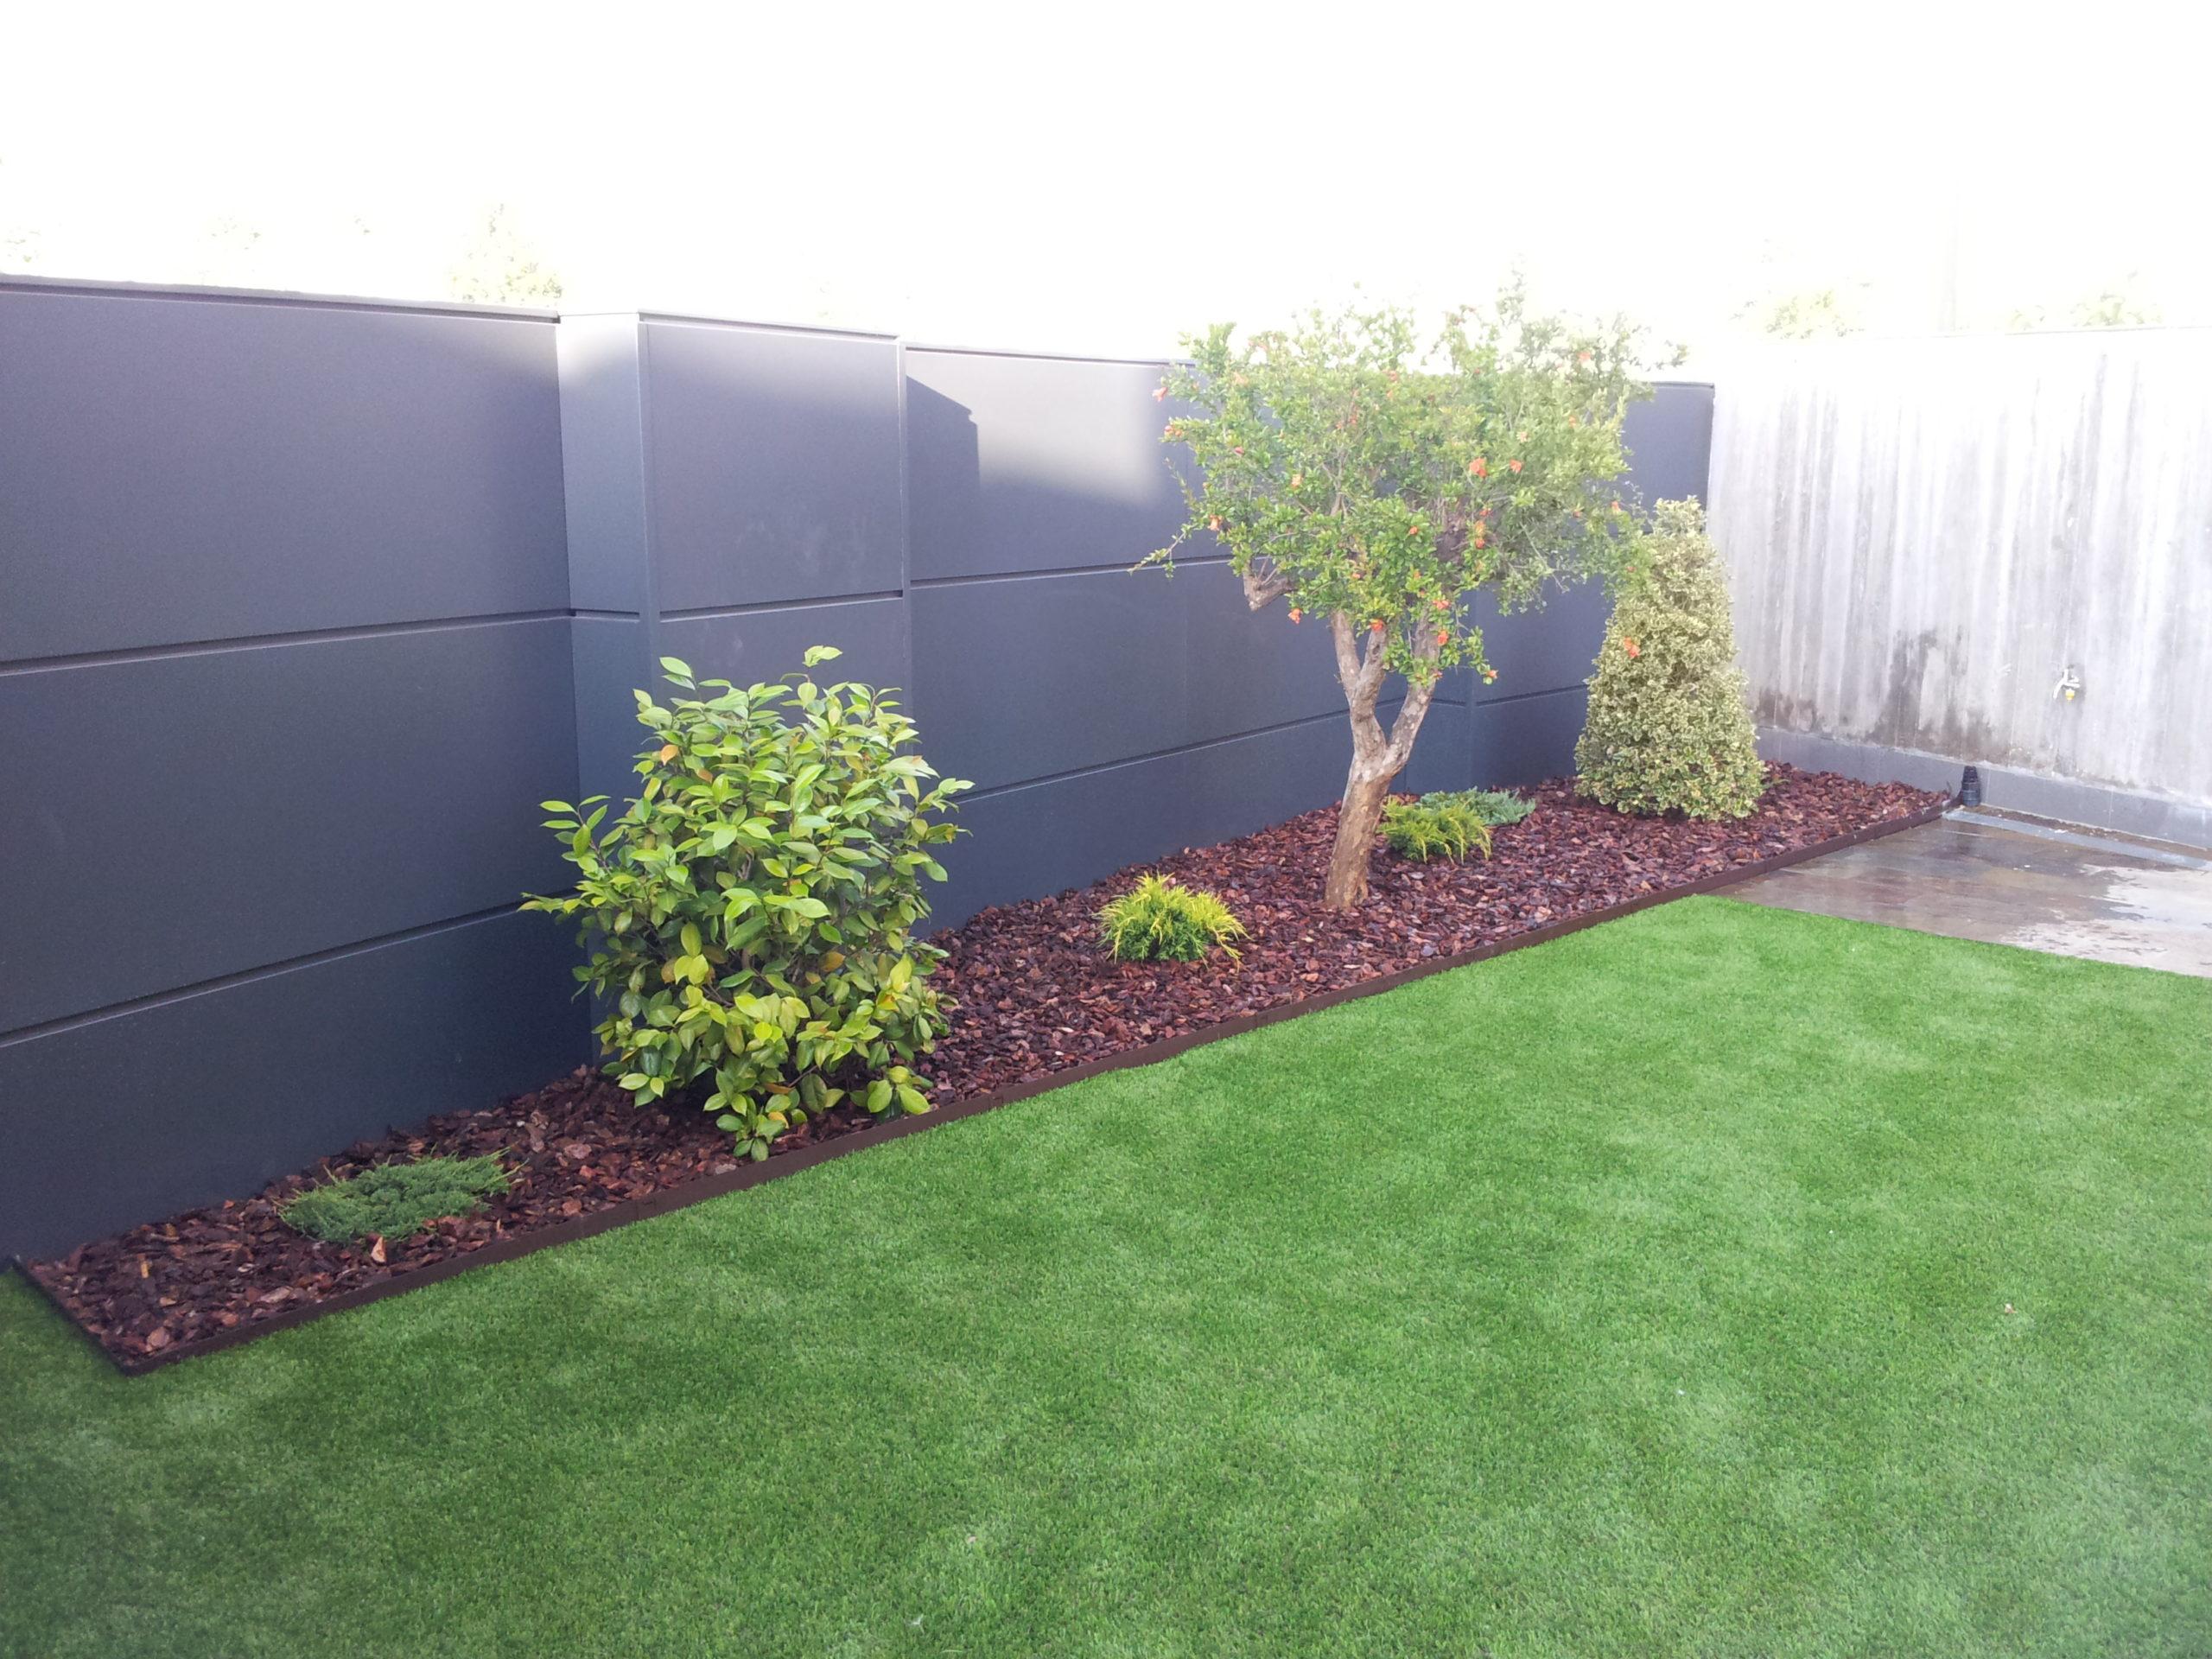 Proyecto de jardinería y césped artificial - Detalle de lateral ajardinado